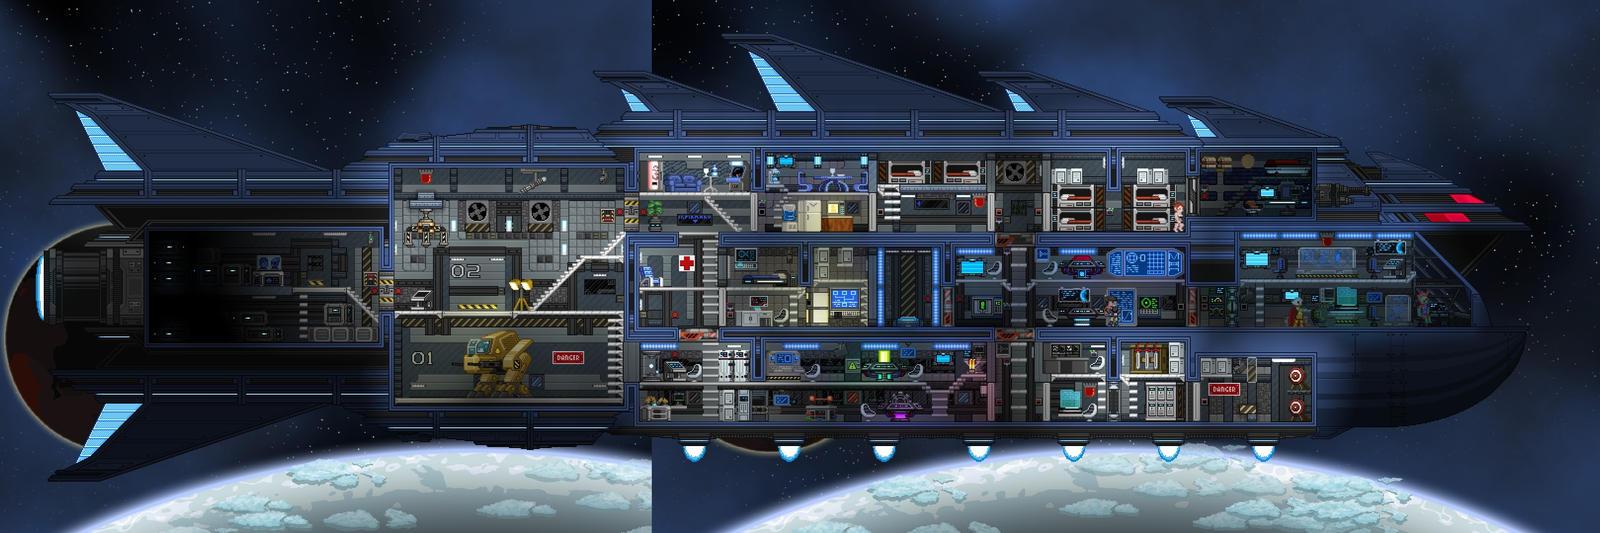 starbound   ship s interior by zixtalon on deviantart